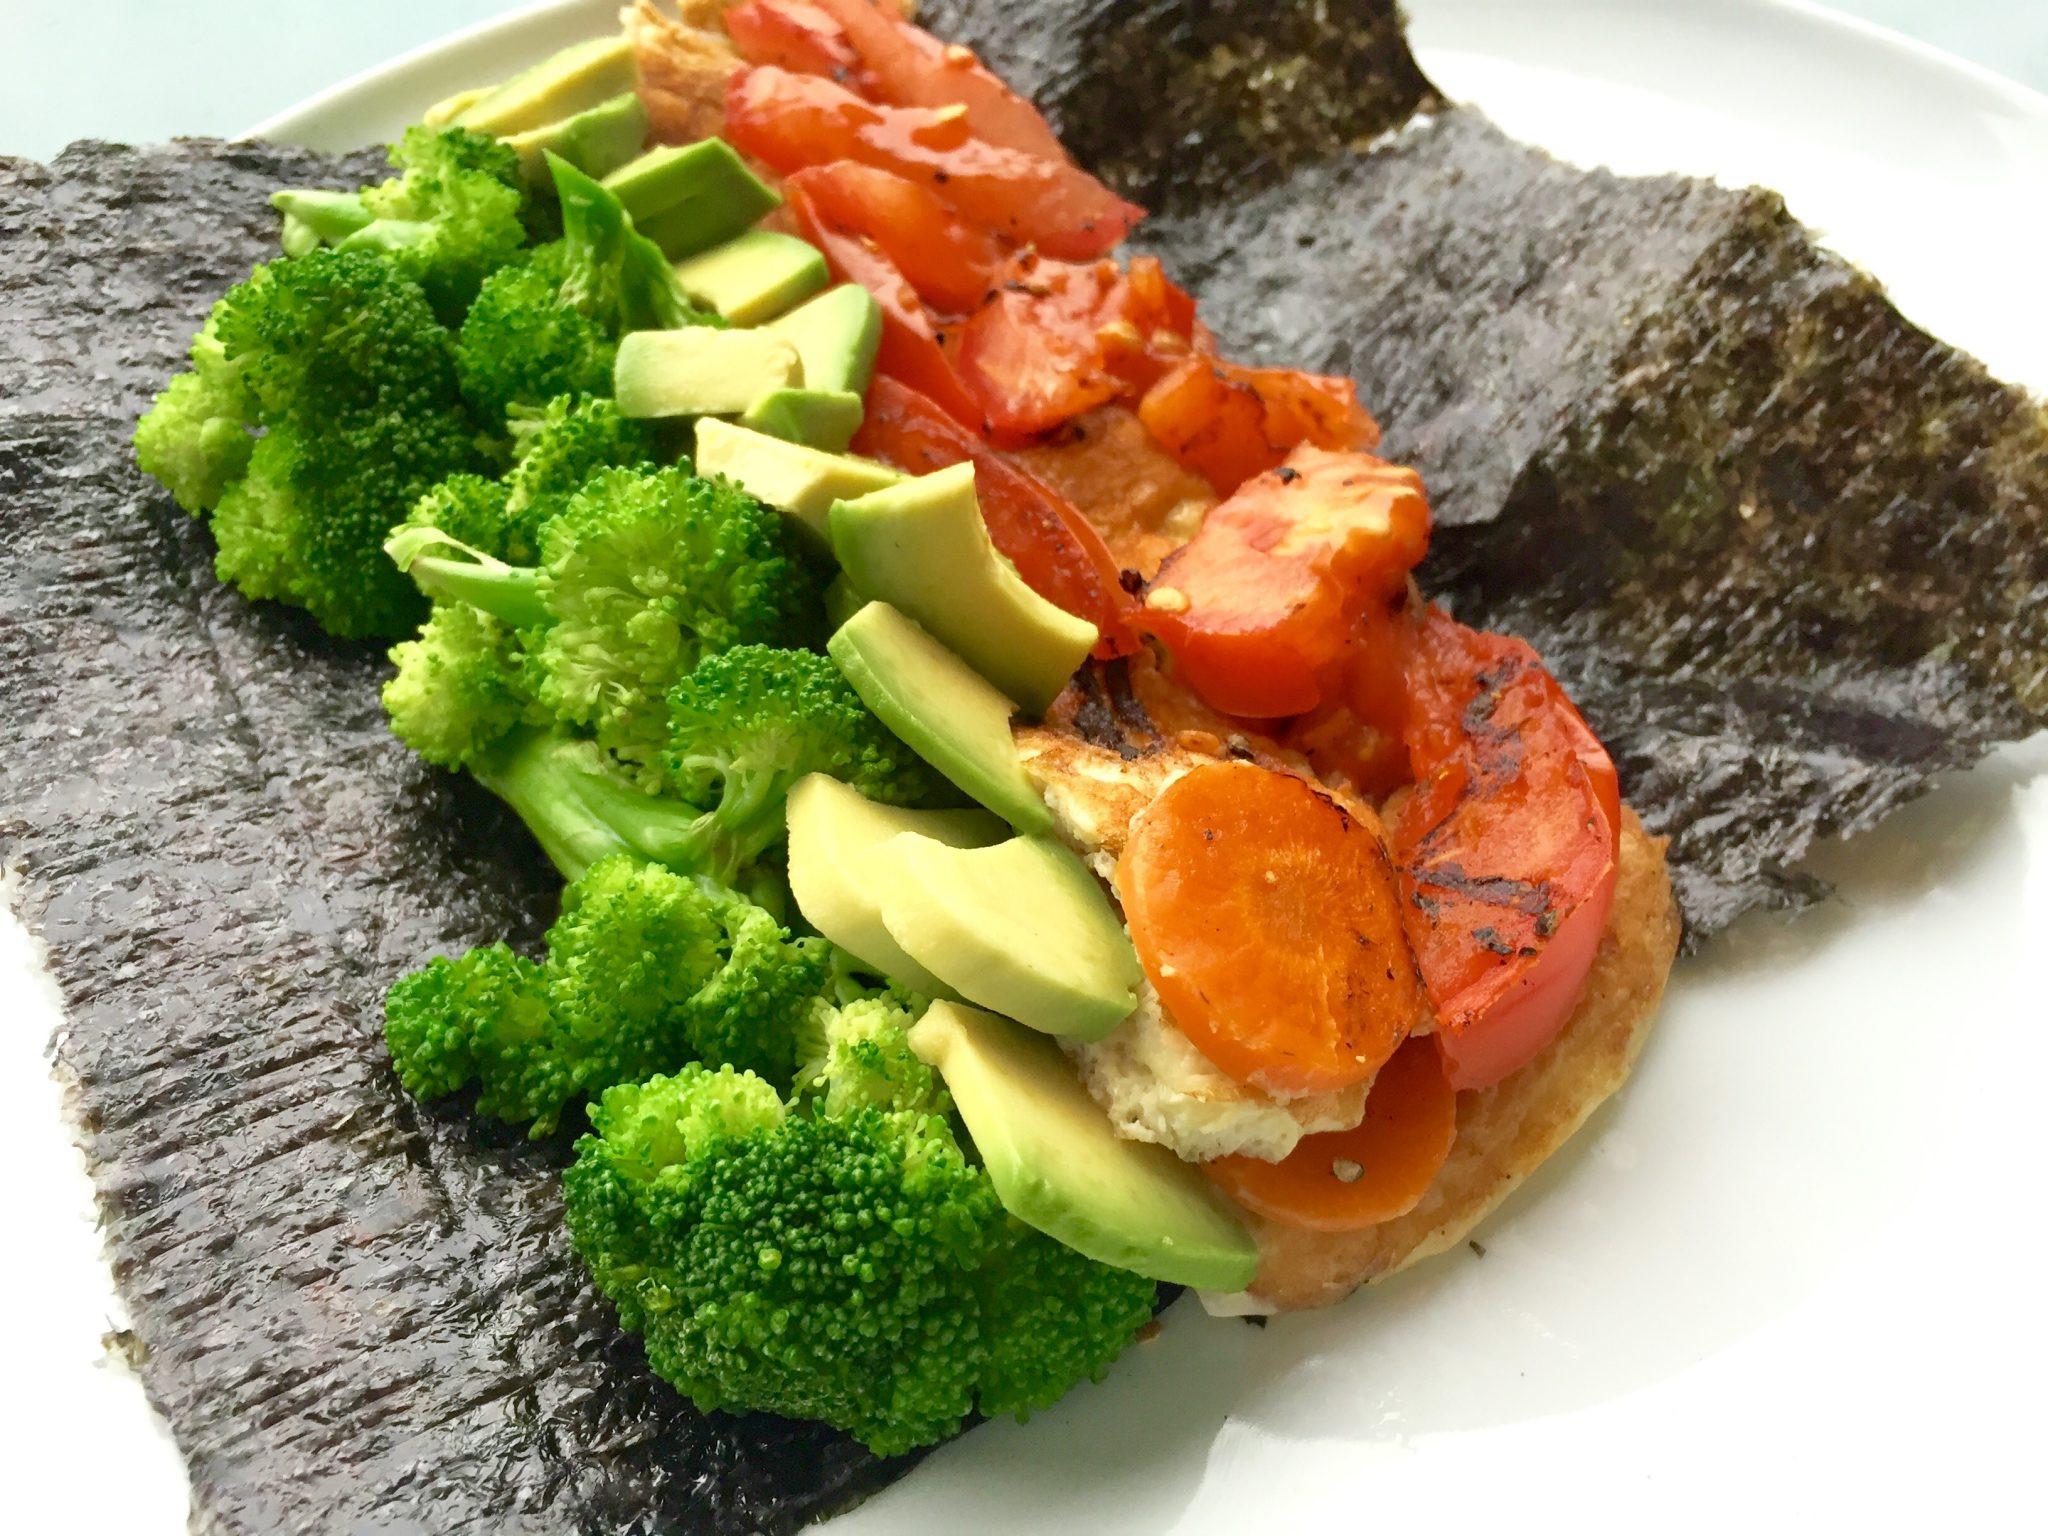 Healthy Breakfast Burrito Recipe  Healthy breakfast burrito recipe